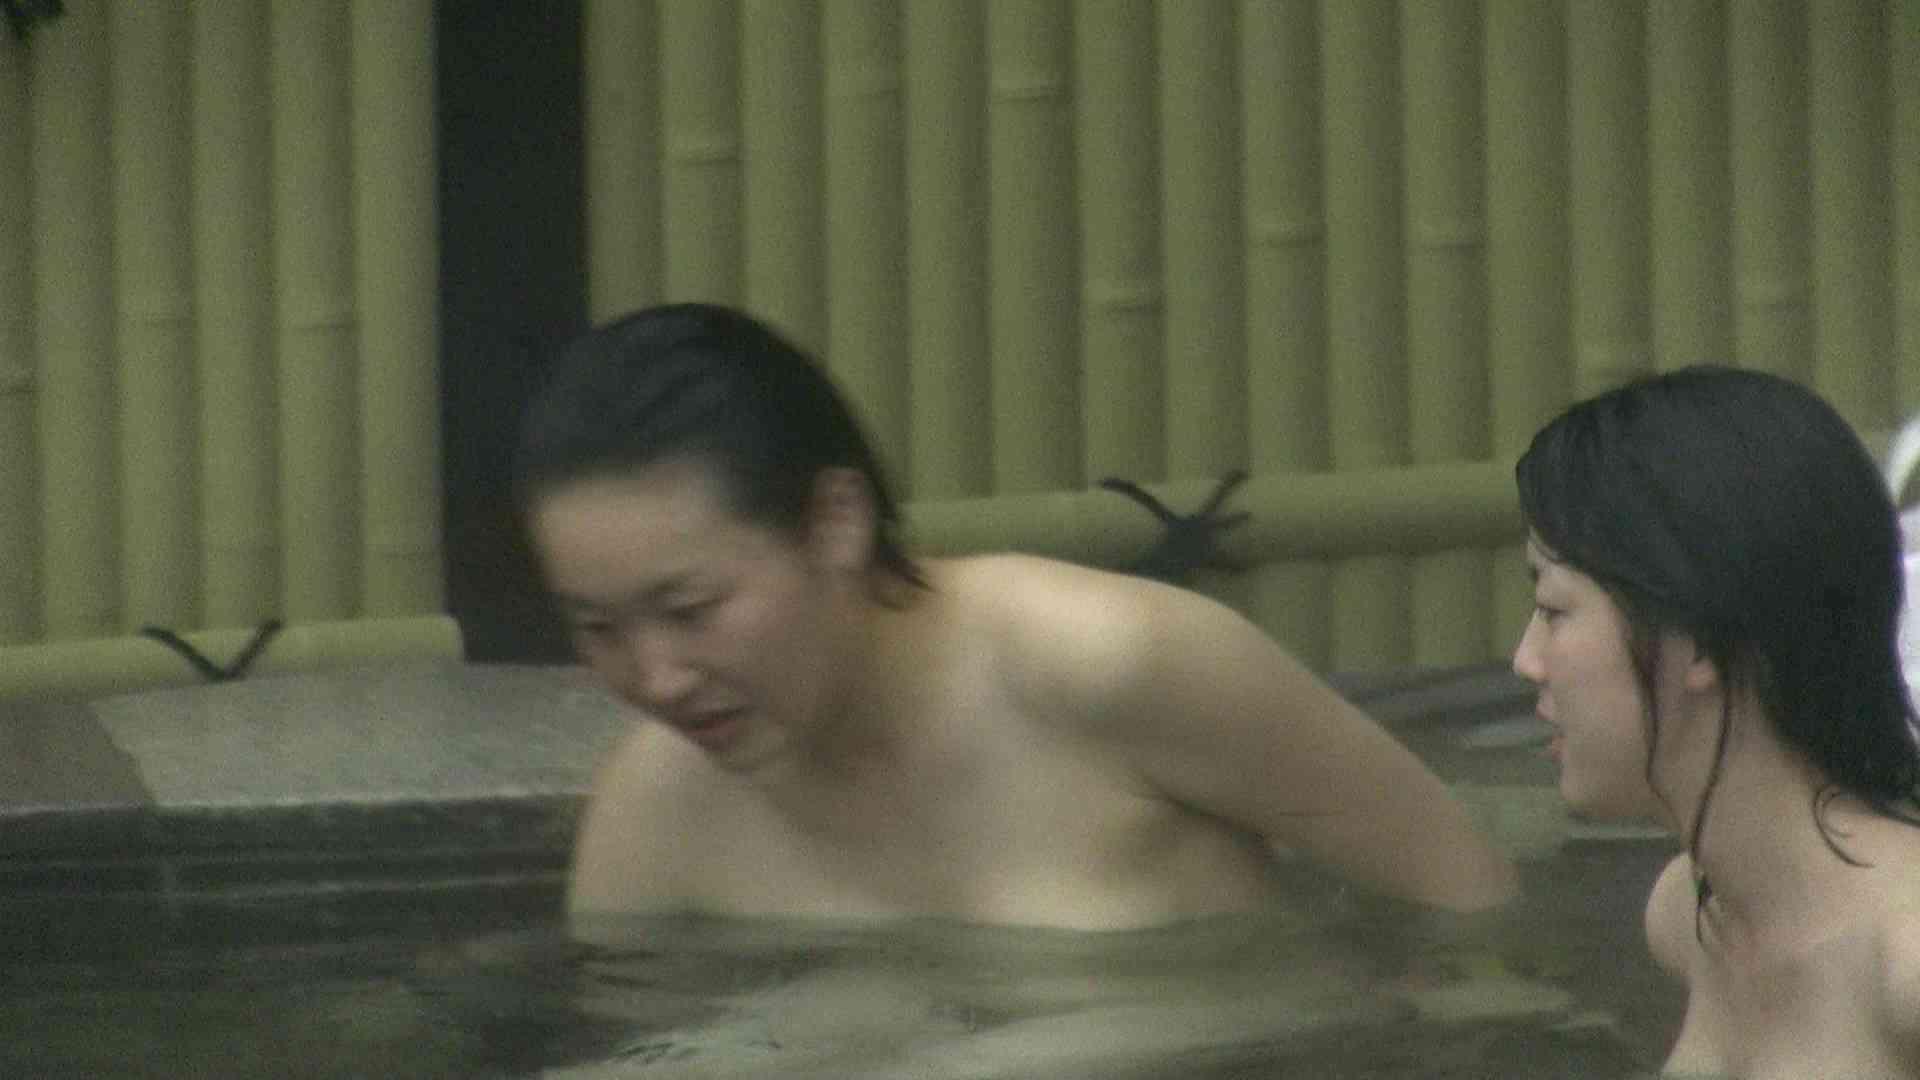 Aquaな露天風呂Vol.171 露天   盗撮  108PICs 31